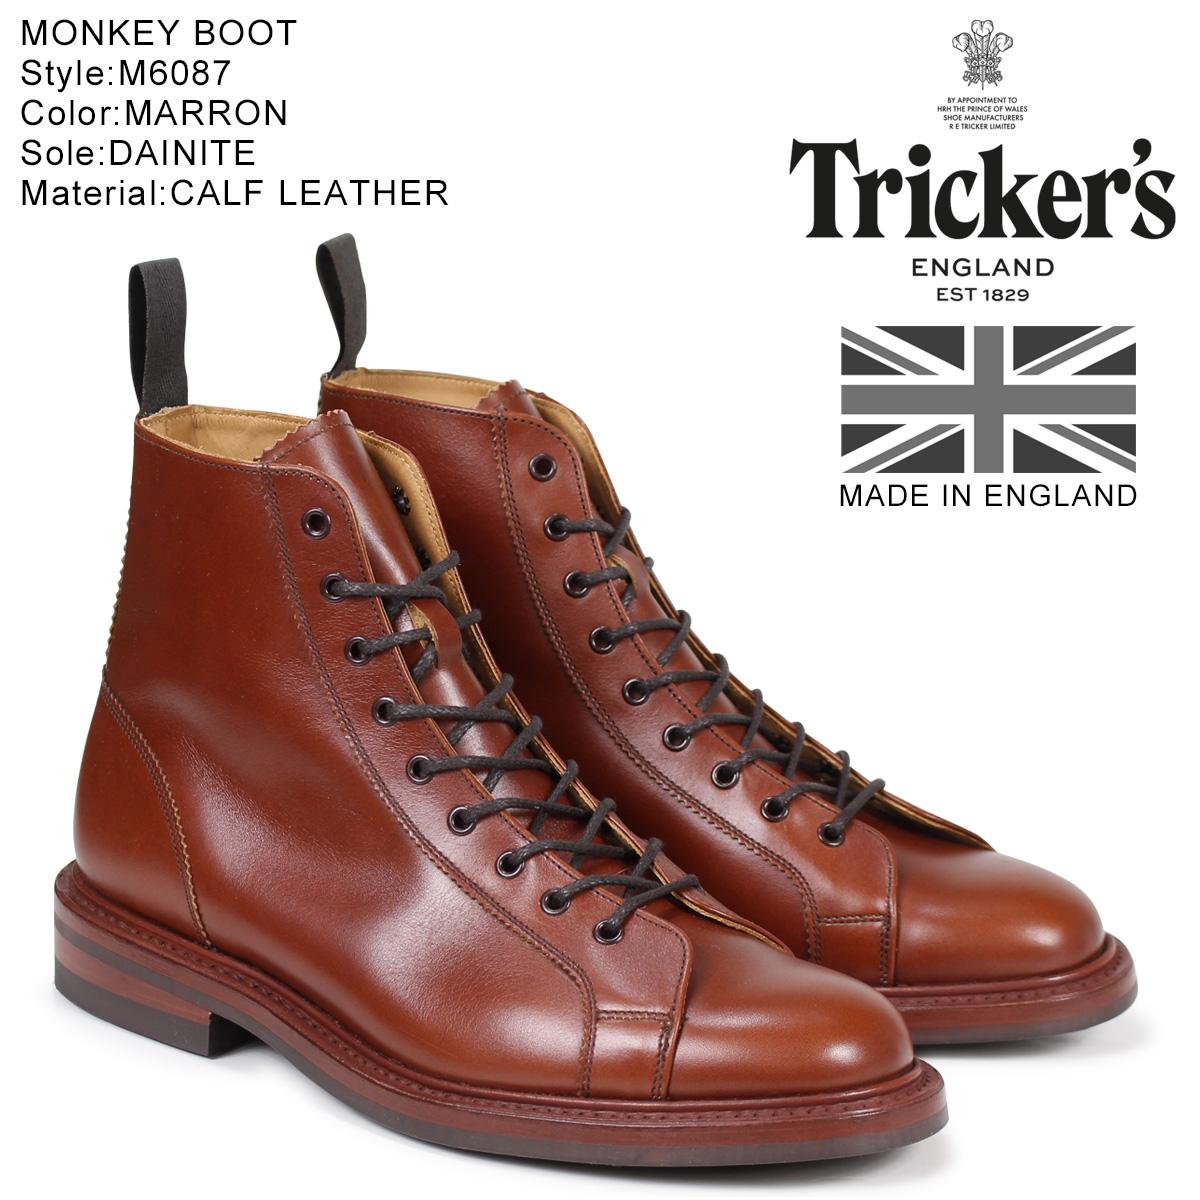 【お買い物マラソンSALE】 トリッカーズ Trickers モンキーブーツ MONKEY BOOT M6087 5ワイズ メンズ